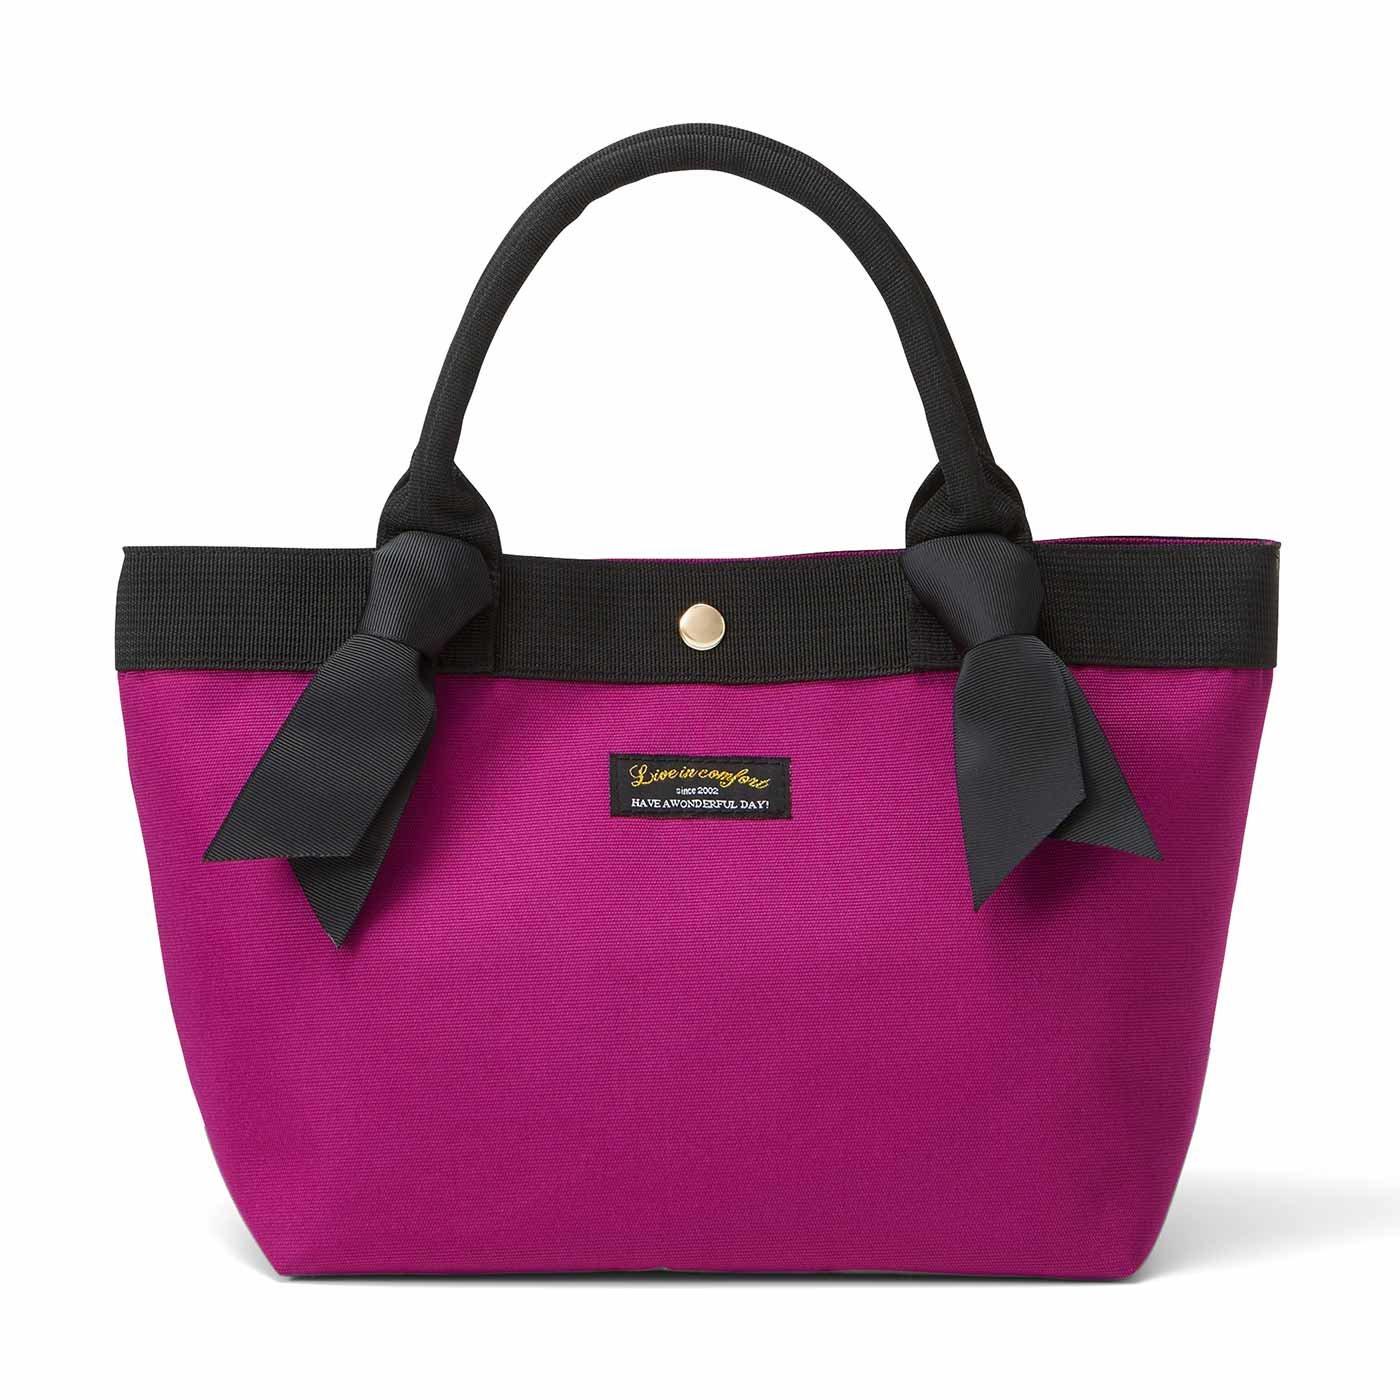 リブ イン コンフォート リボン付きできゅんとかわいい便利トートバッグ〈ピンク〉